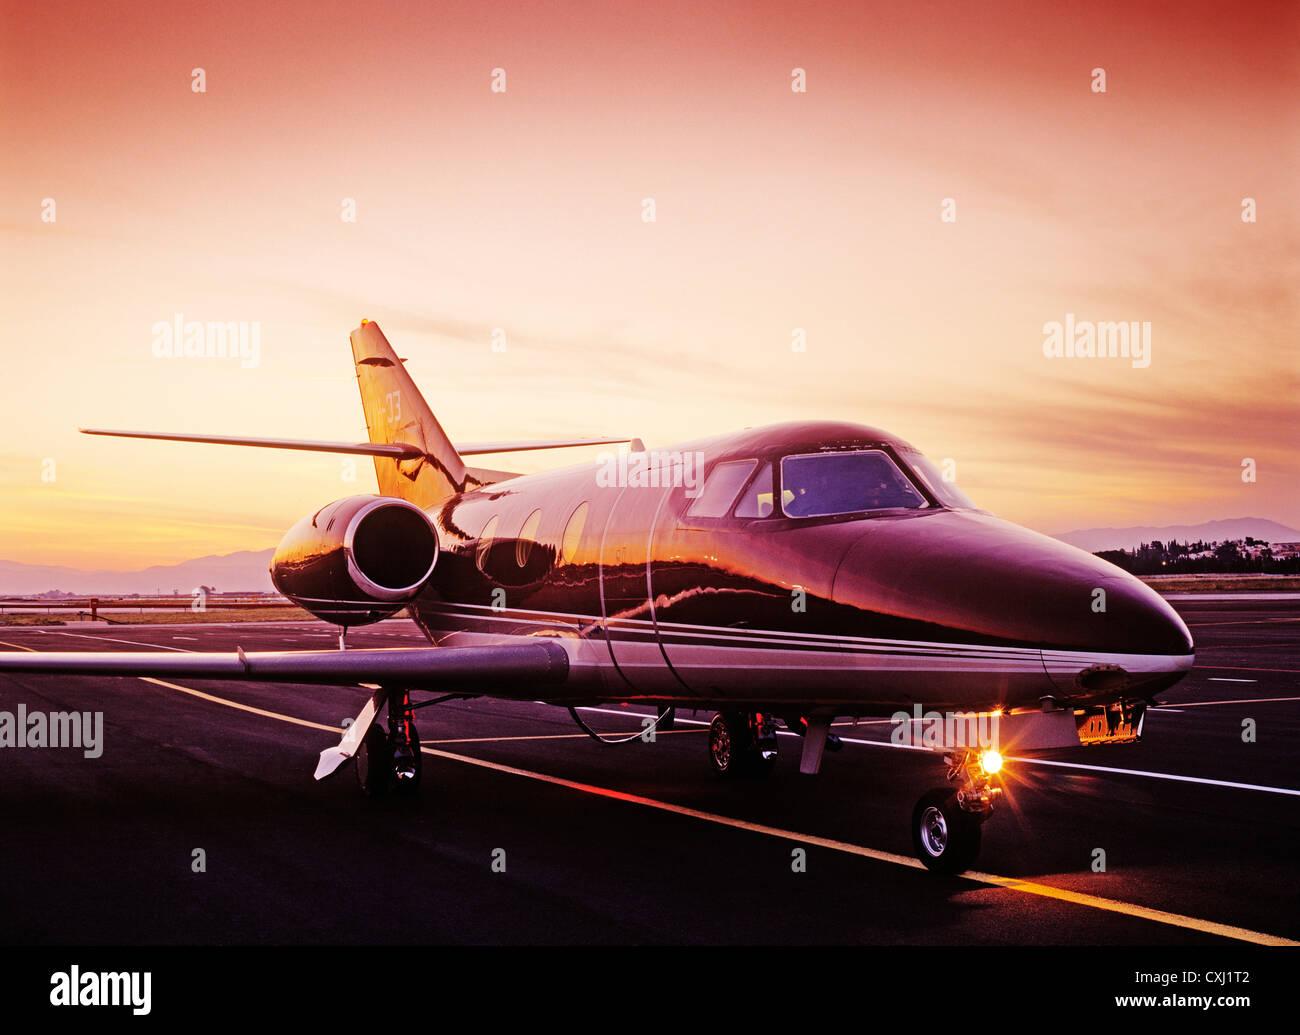 private plane runway airport Malaga Costa del Sol Andalusia Spain avion privado pista del aeropuerto andalucia españa - Stock Image